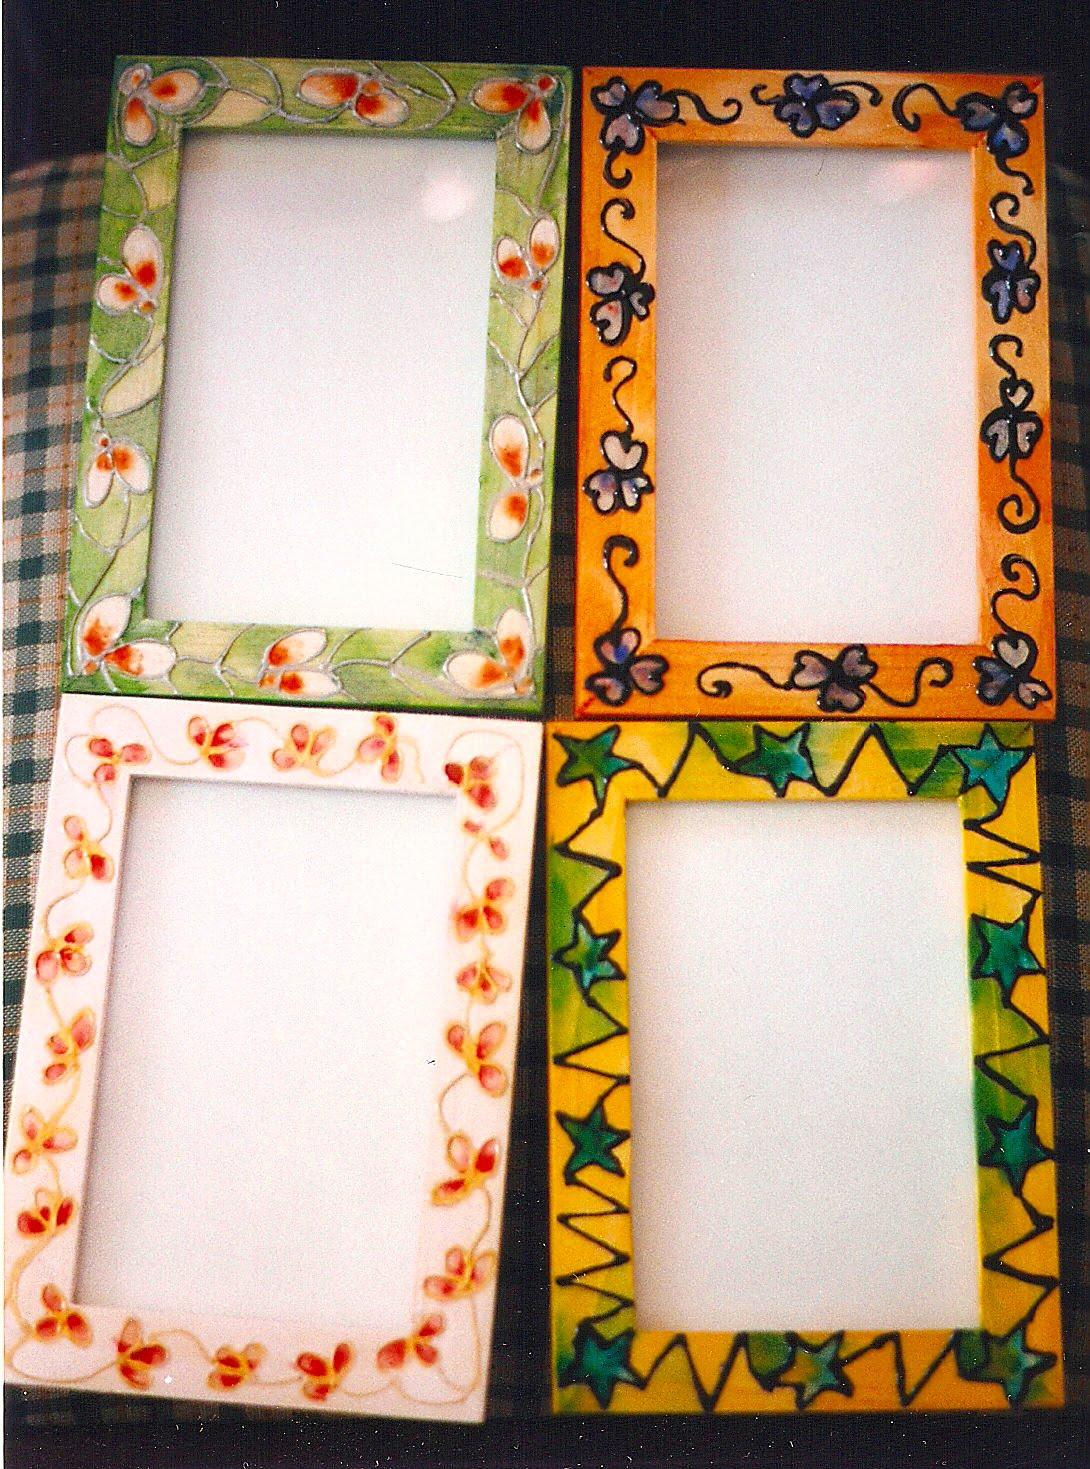 Kedibu murales y objetos decorativos marcos para fotos - Marcos fotos pared ...